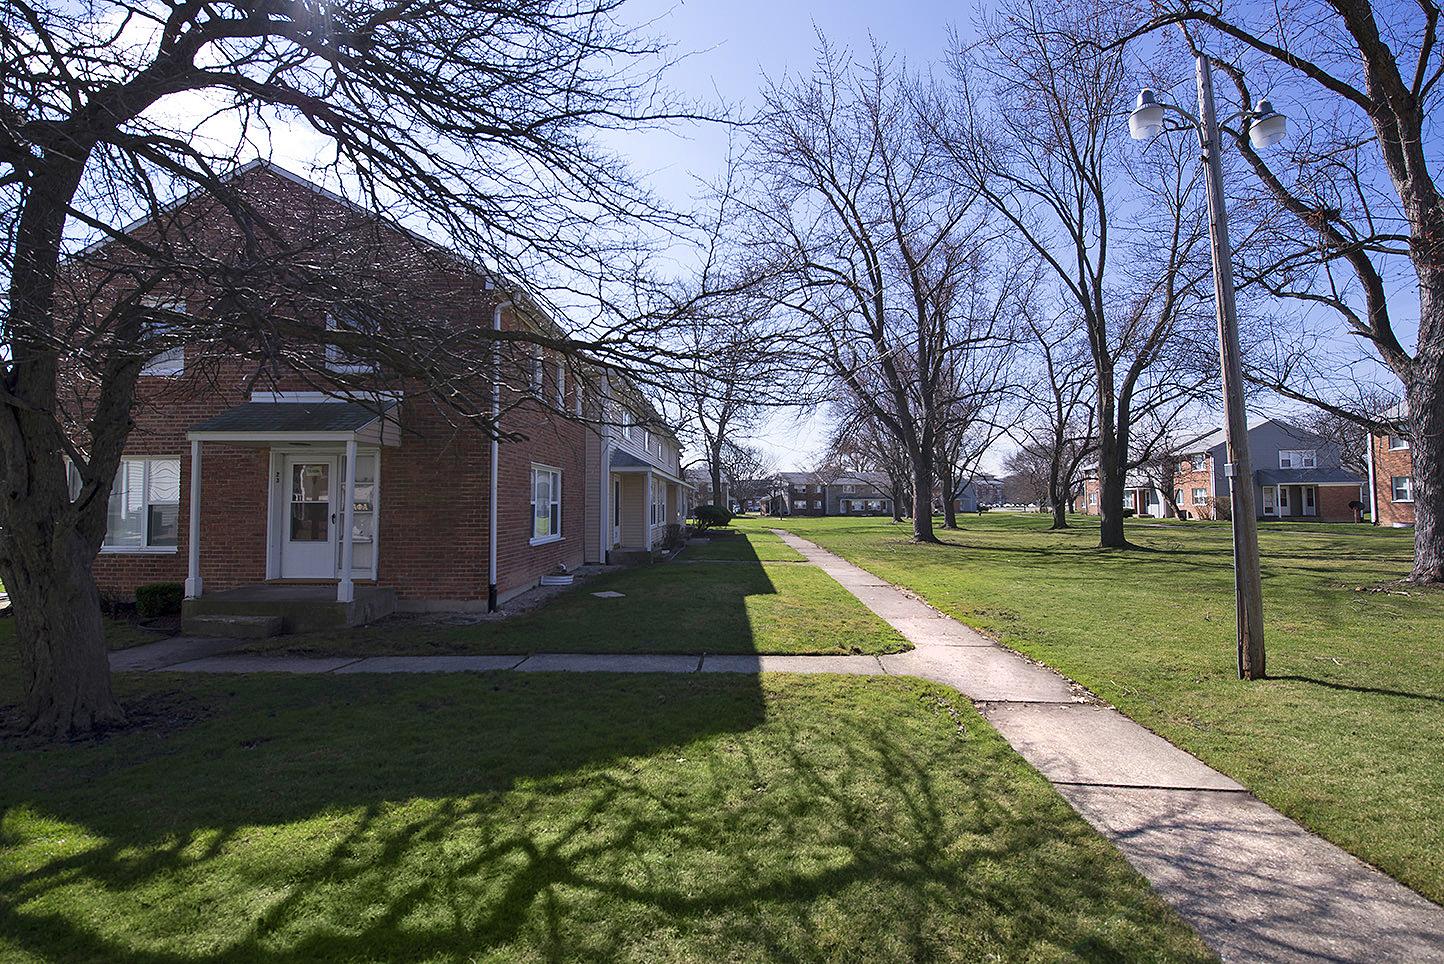 11 Fir Street Management Office Park Forest, IL 60466 ---- Phone: (708) 748-2000 Fax: (708) 503-0765